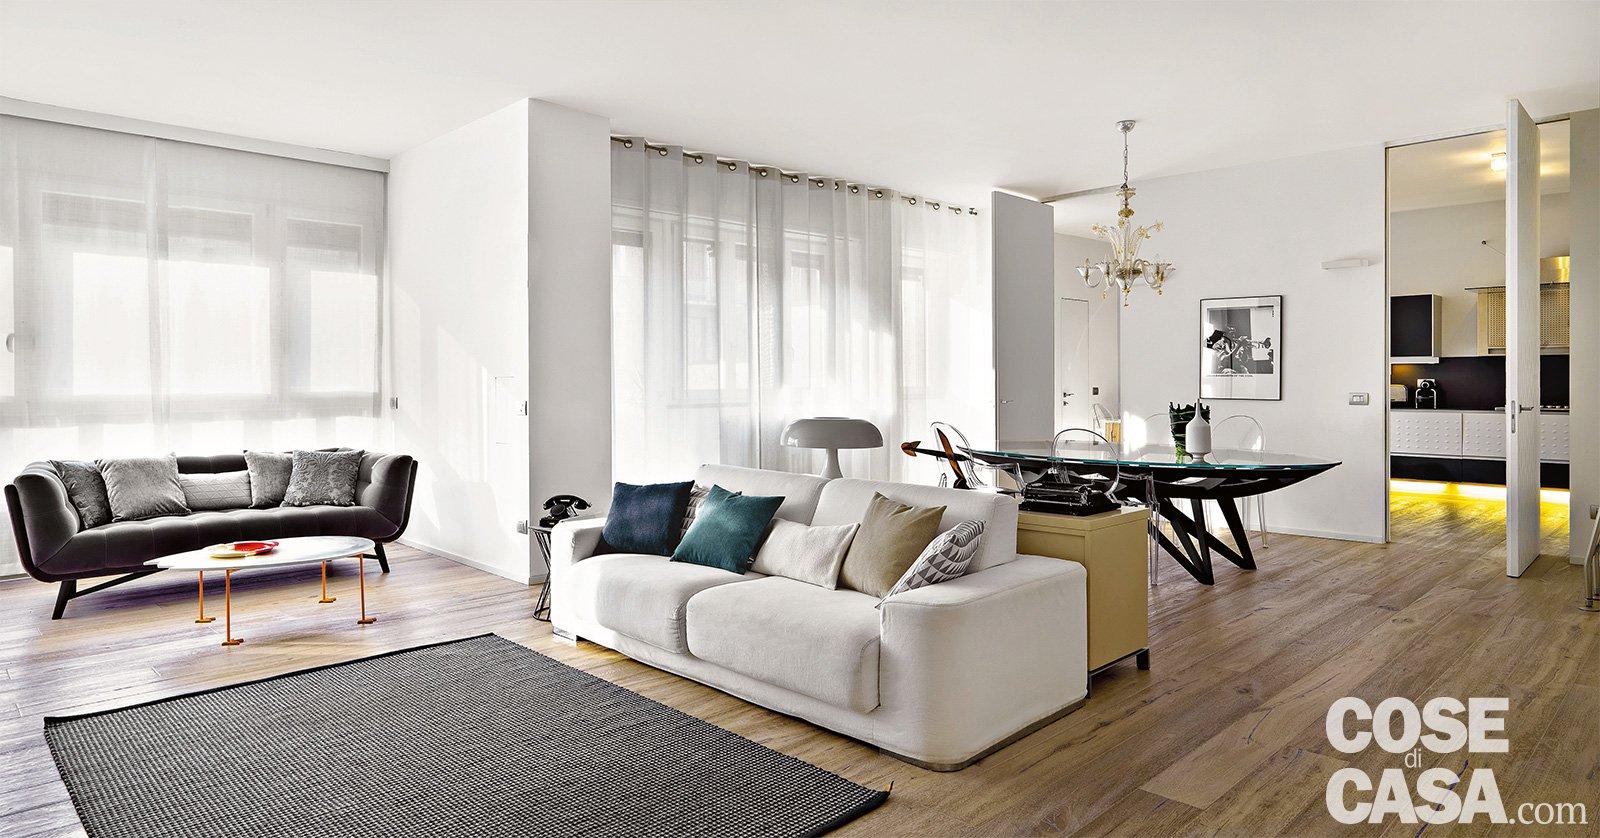 150 mq tutti da copiare dalla divisione soggiorno cucina for Piani casa 3 camere da letto e garage doppio